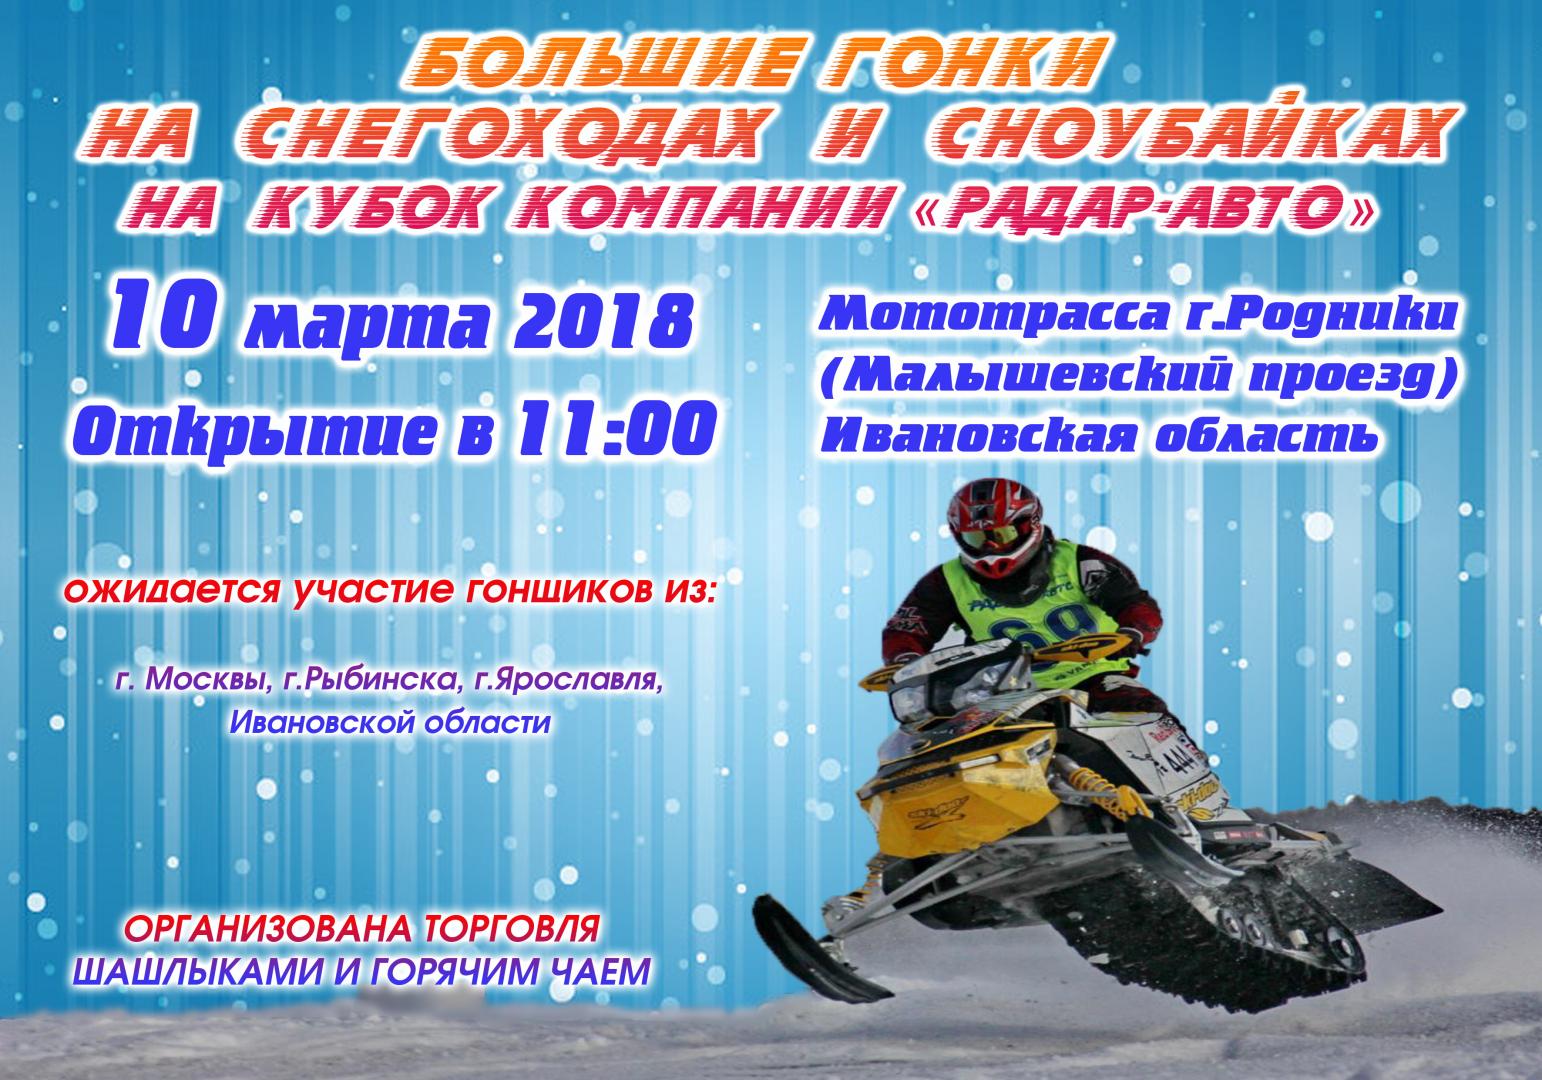 АФИША СНЕГОХОДЫ 03.03.2018 готовая 4.png